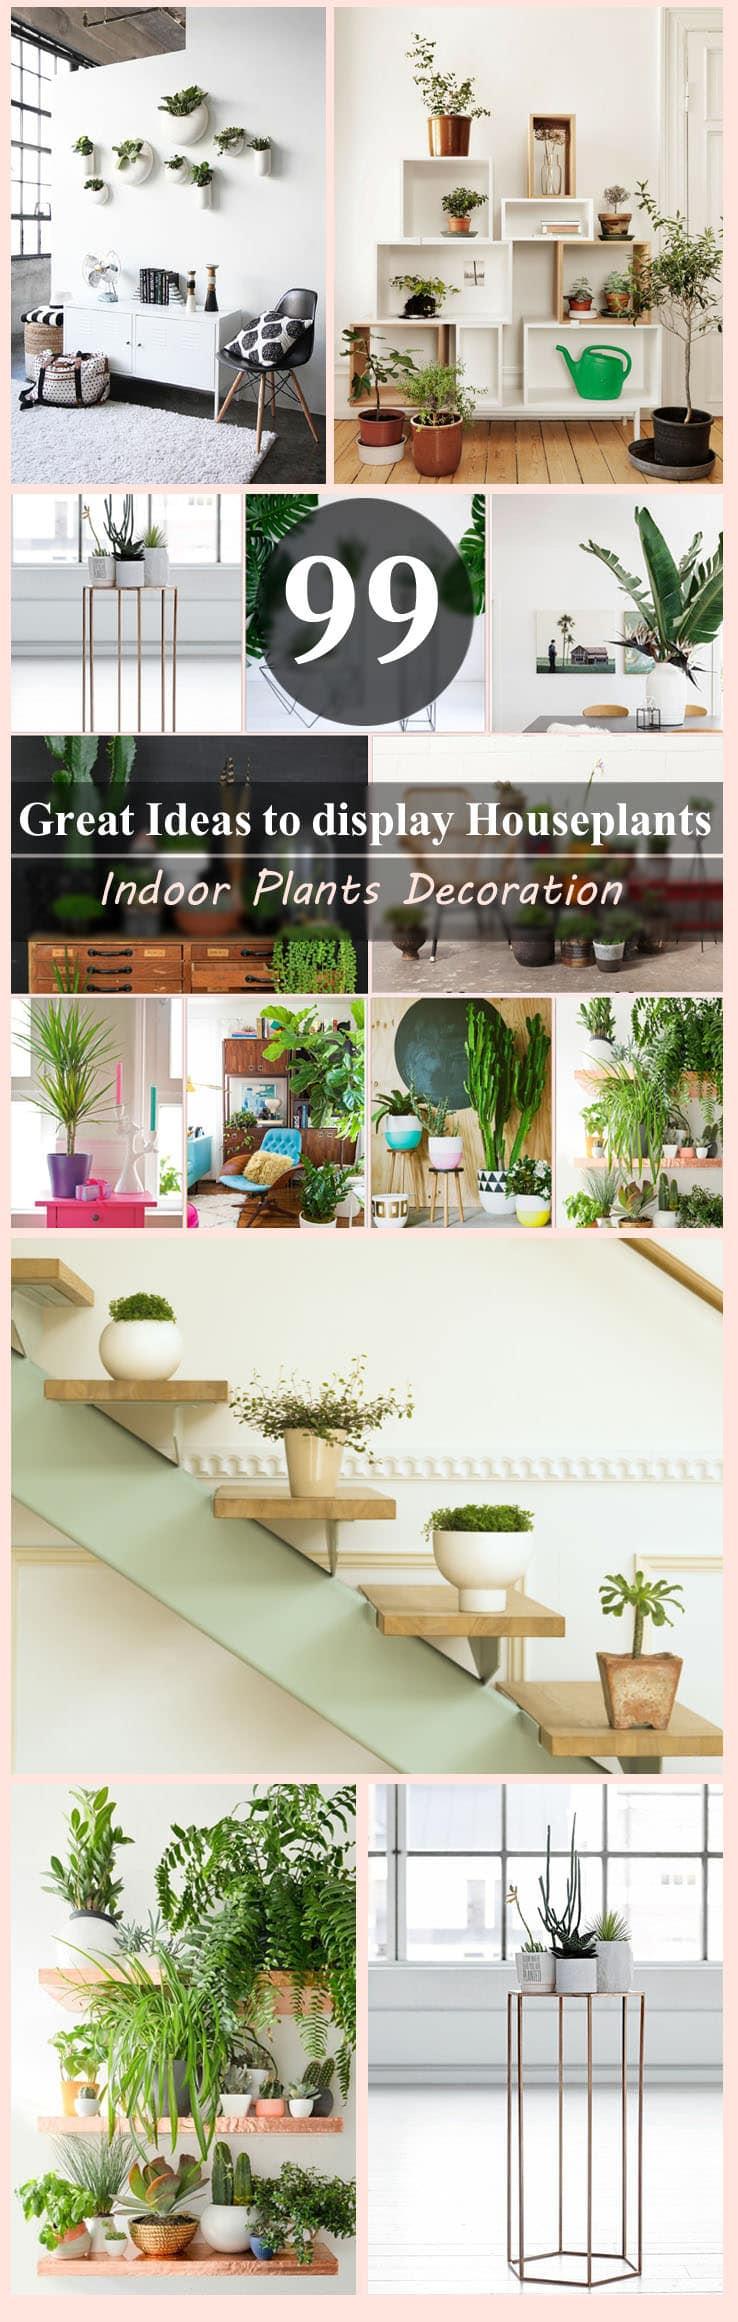 99 Great Ideas to display Houseplants   Indoor Plants ...